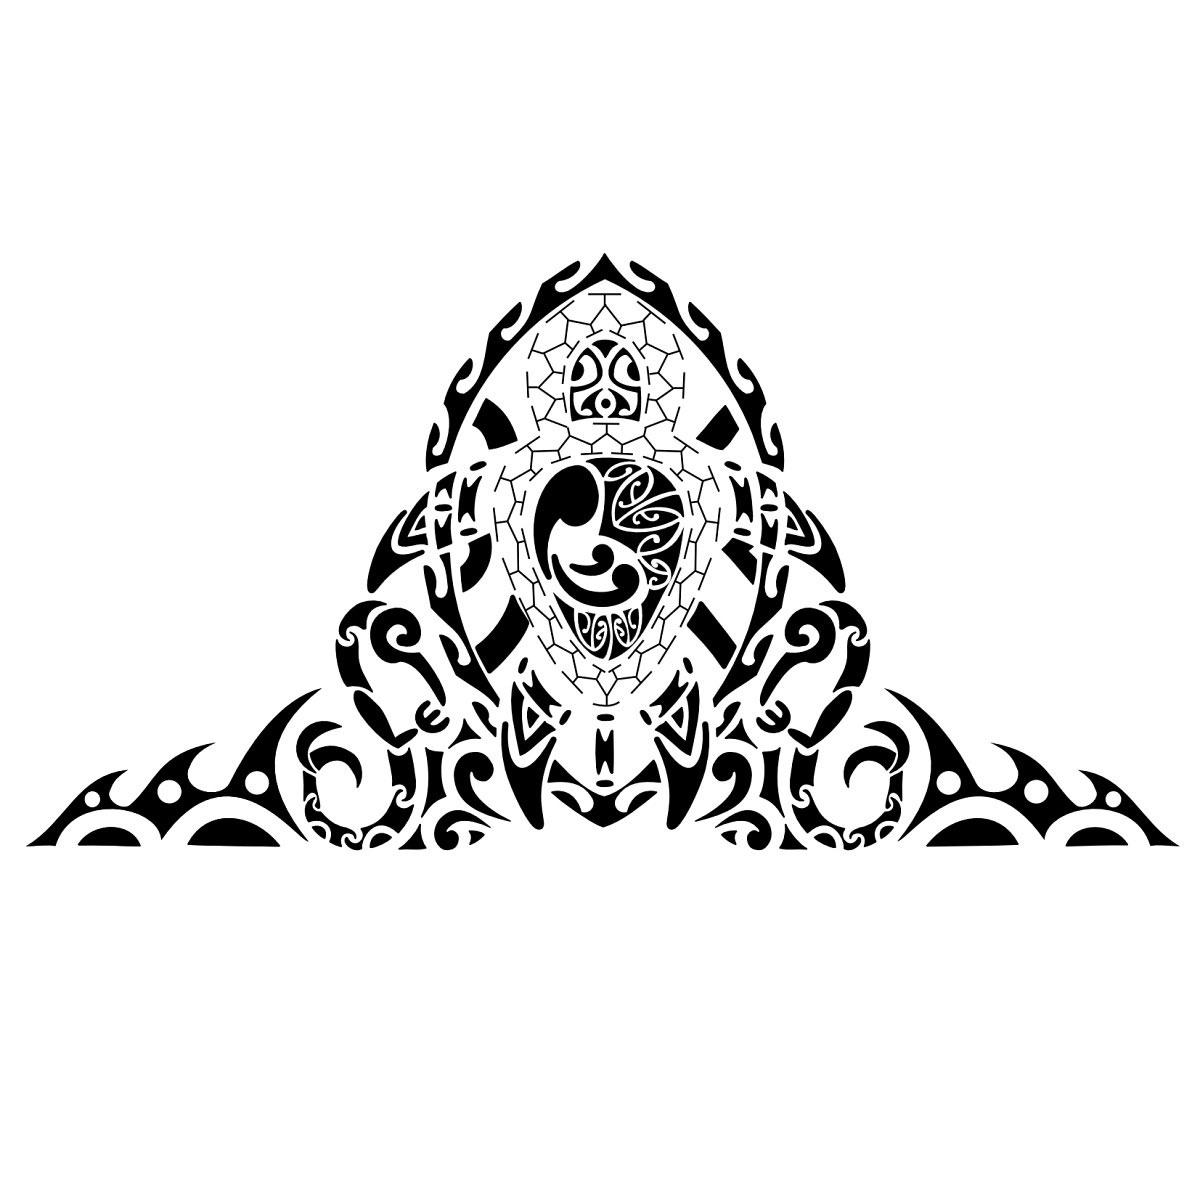 Blu sky tattoo studio maori significato 183 - Contorno squalo martello ...